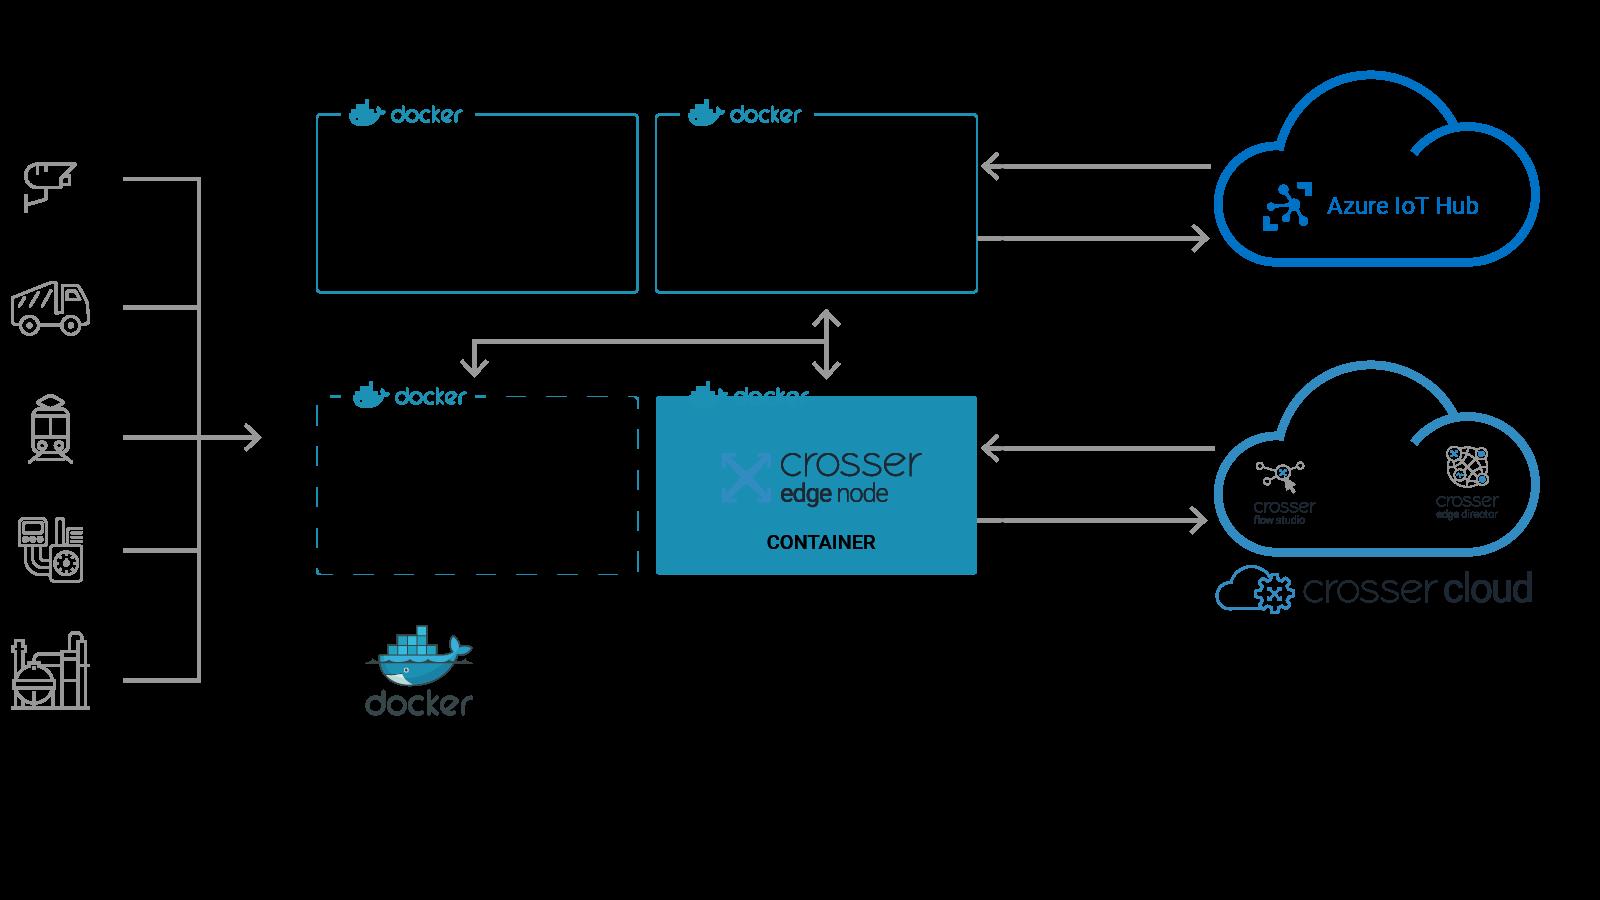 crosser azure edge solution